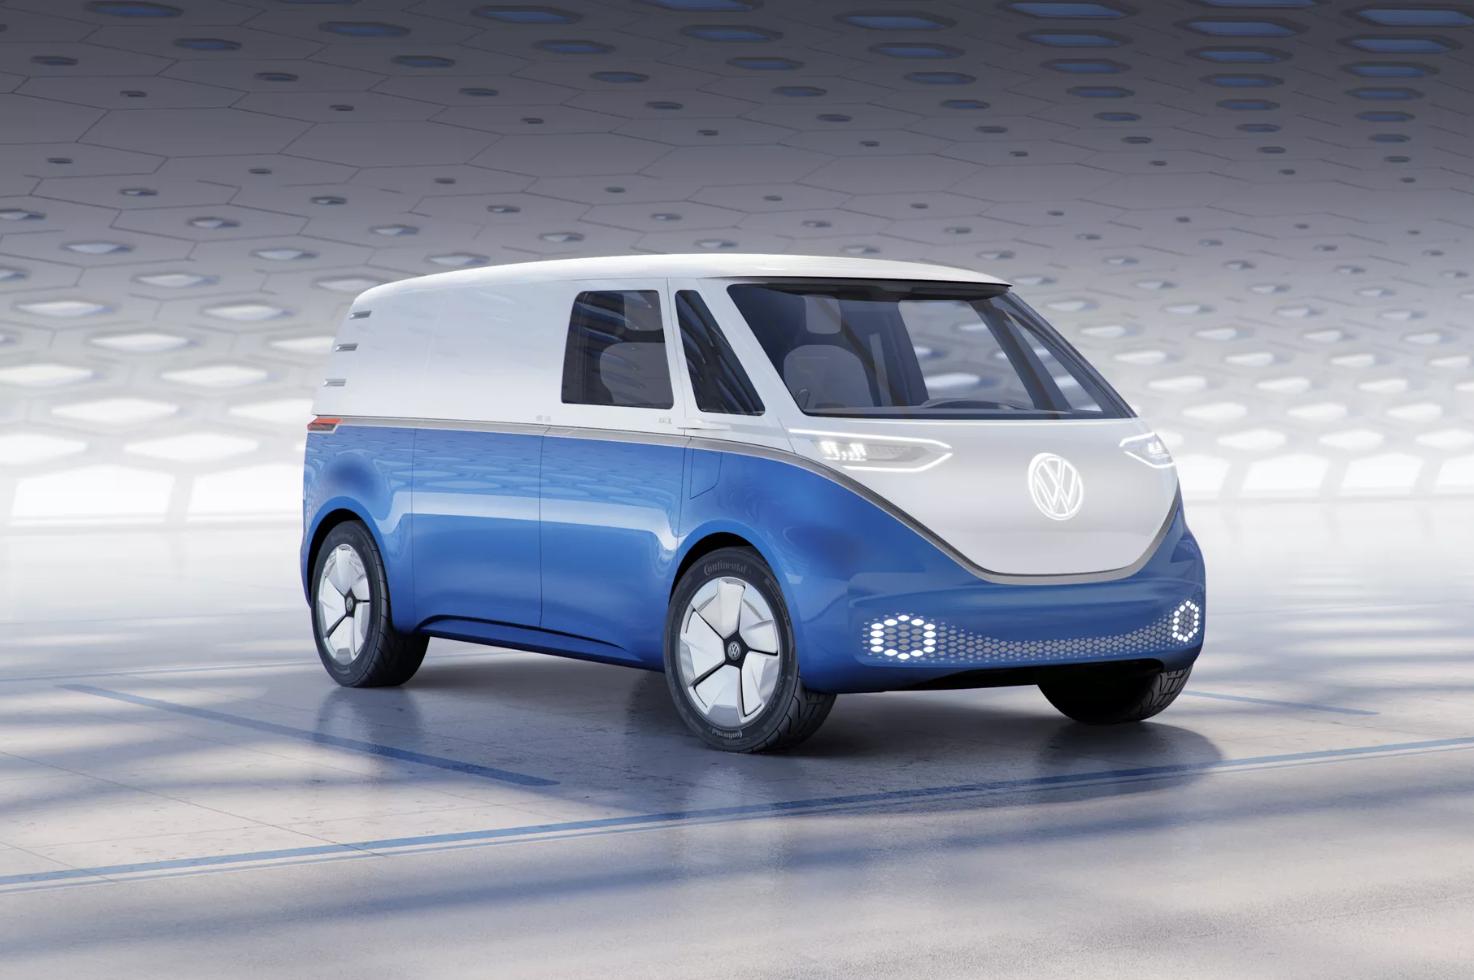 Vw Id Buzz Cargo Van Is Volkswagen S Latest Electric Delivery Van Concept Volkswagen Volkswagen Bus Volkswagen Van